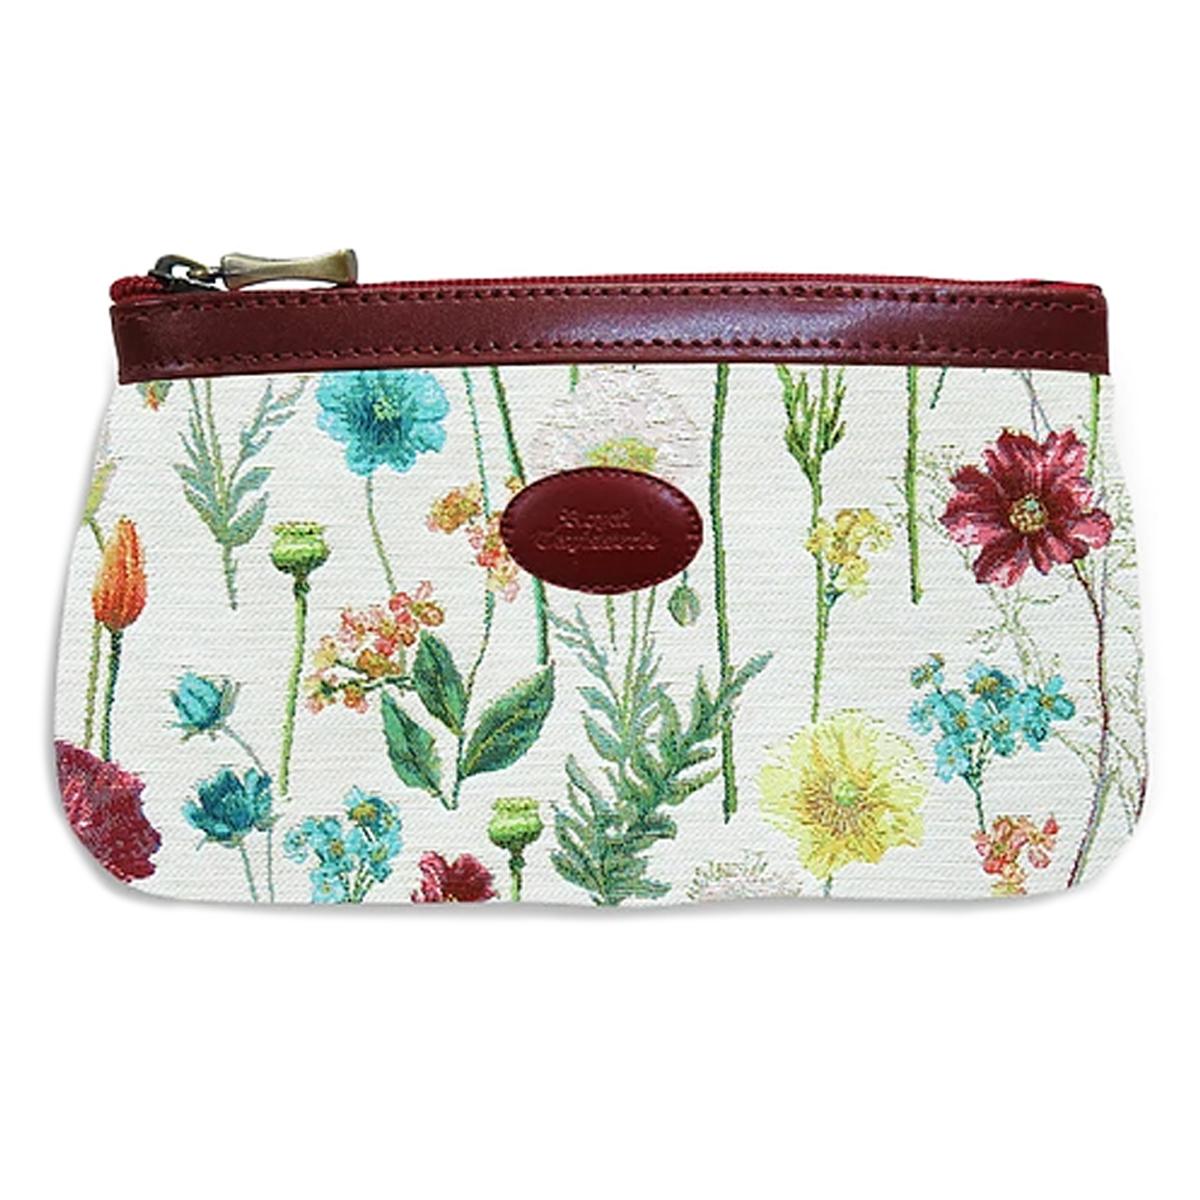 Pochette trousse artisanale \'Royal Tapisserie\' blanc multicolore (fleurs des champs)  - 18x12x3 cm - [Q6384]